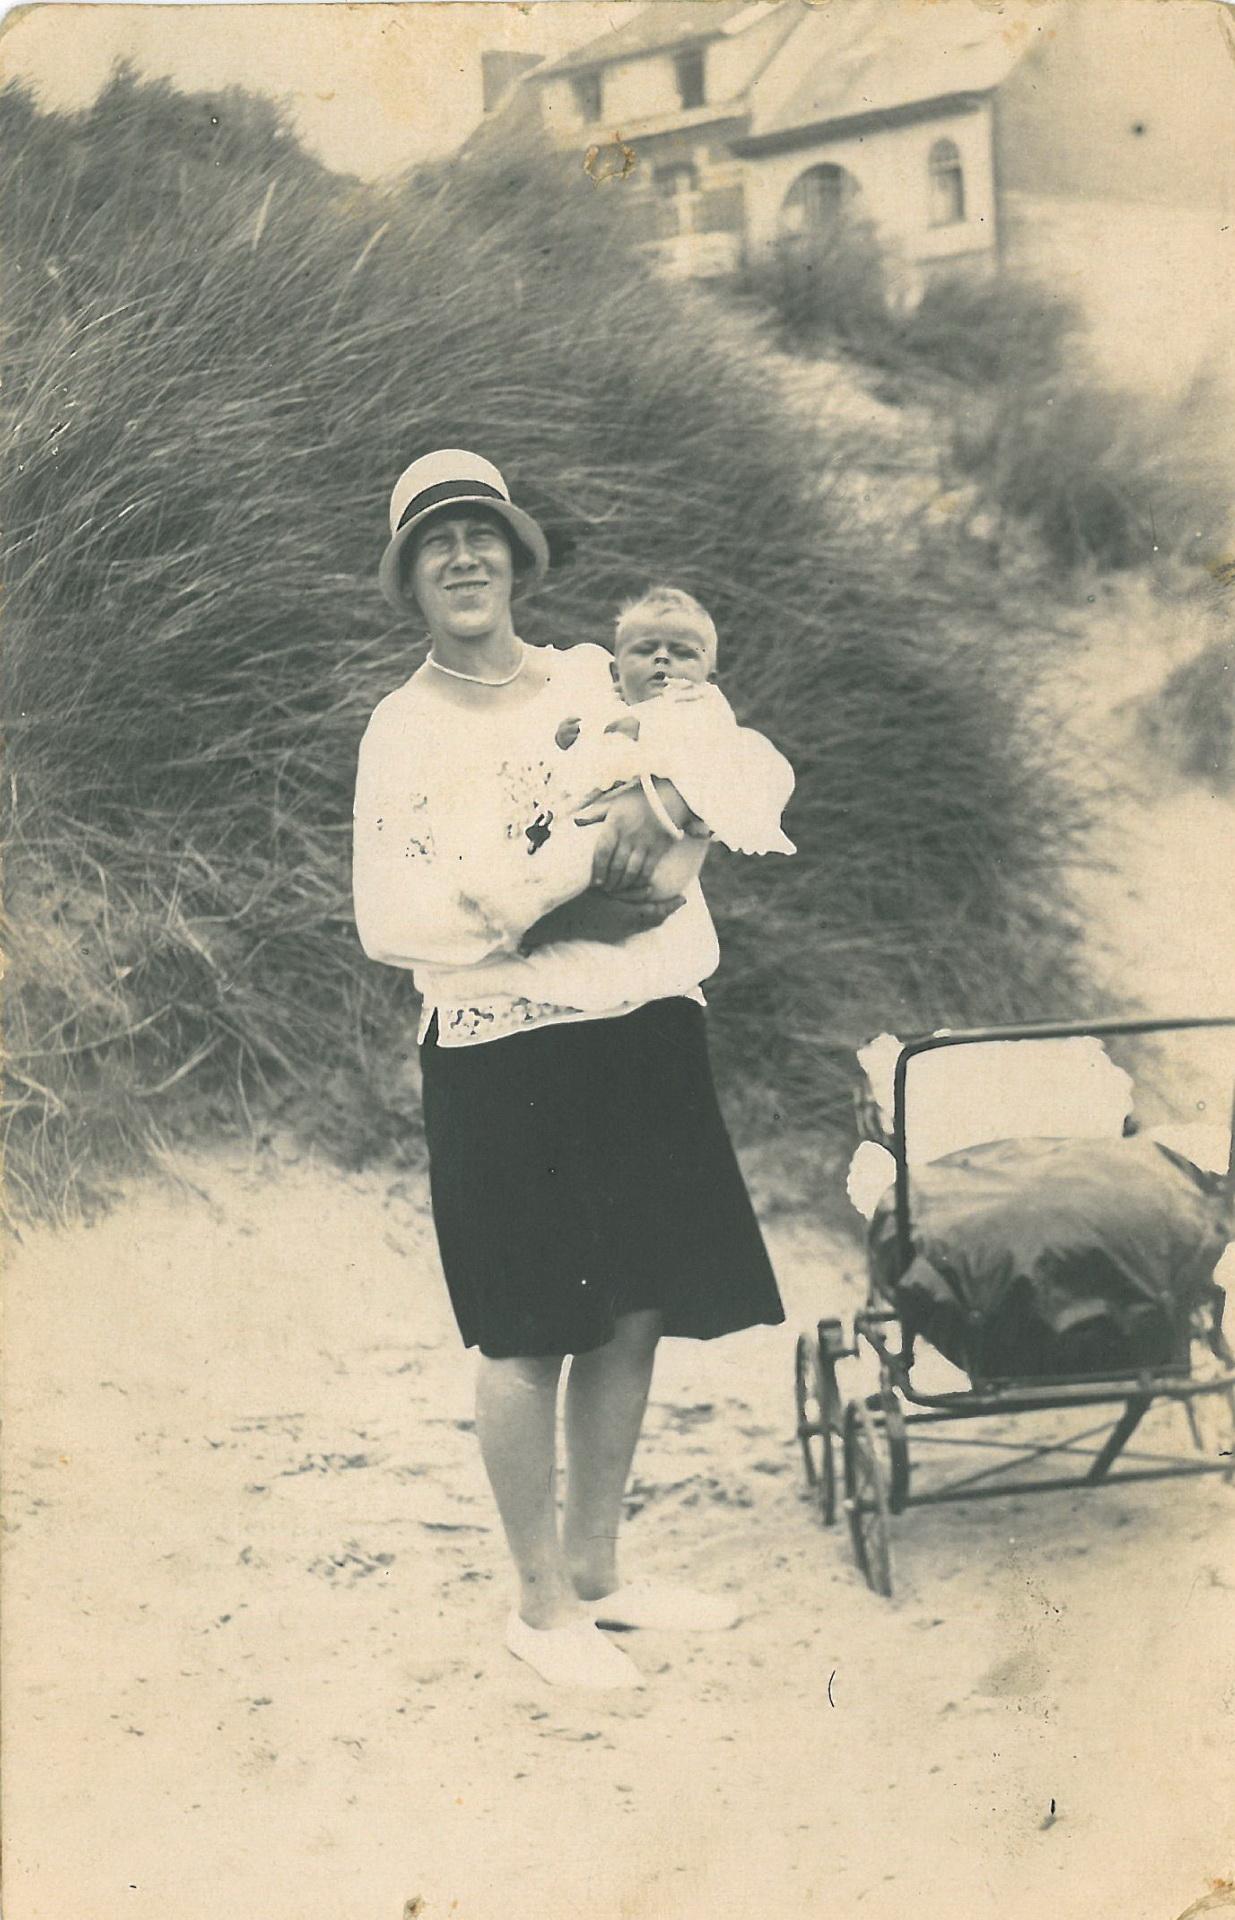 Martha als Babysitter von Knauffs Kindern